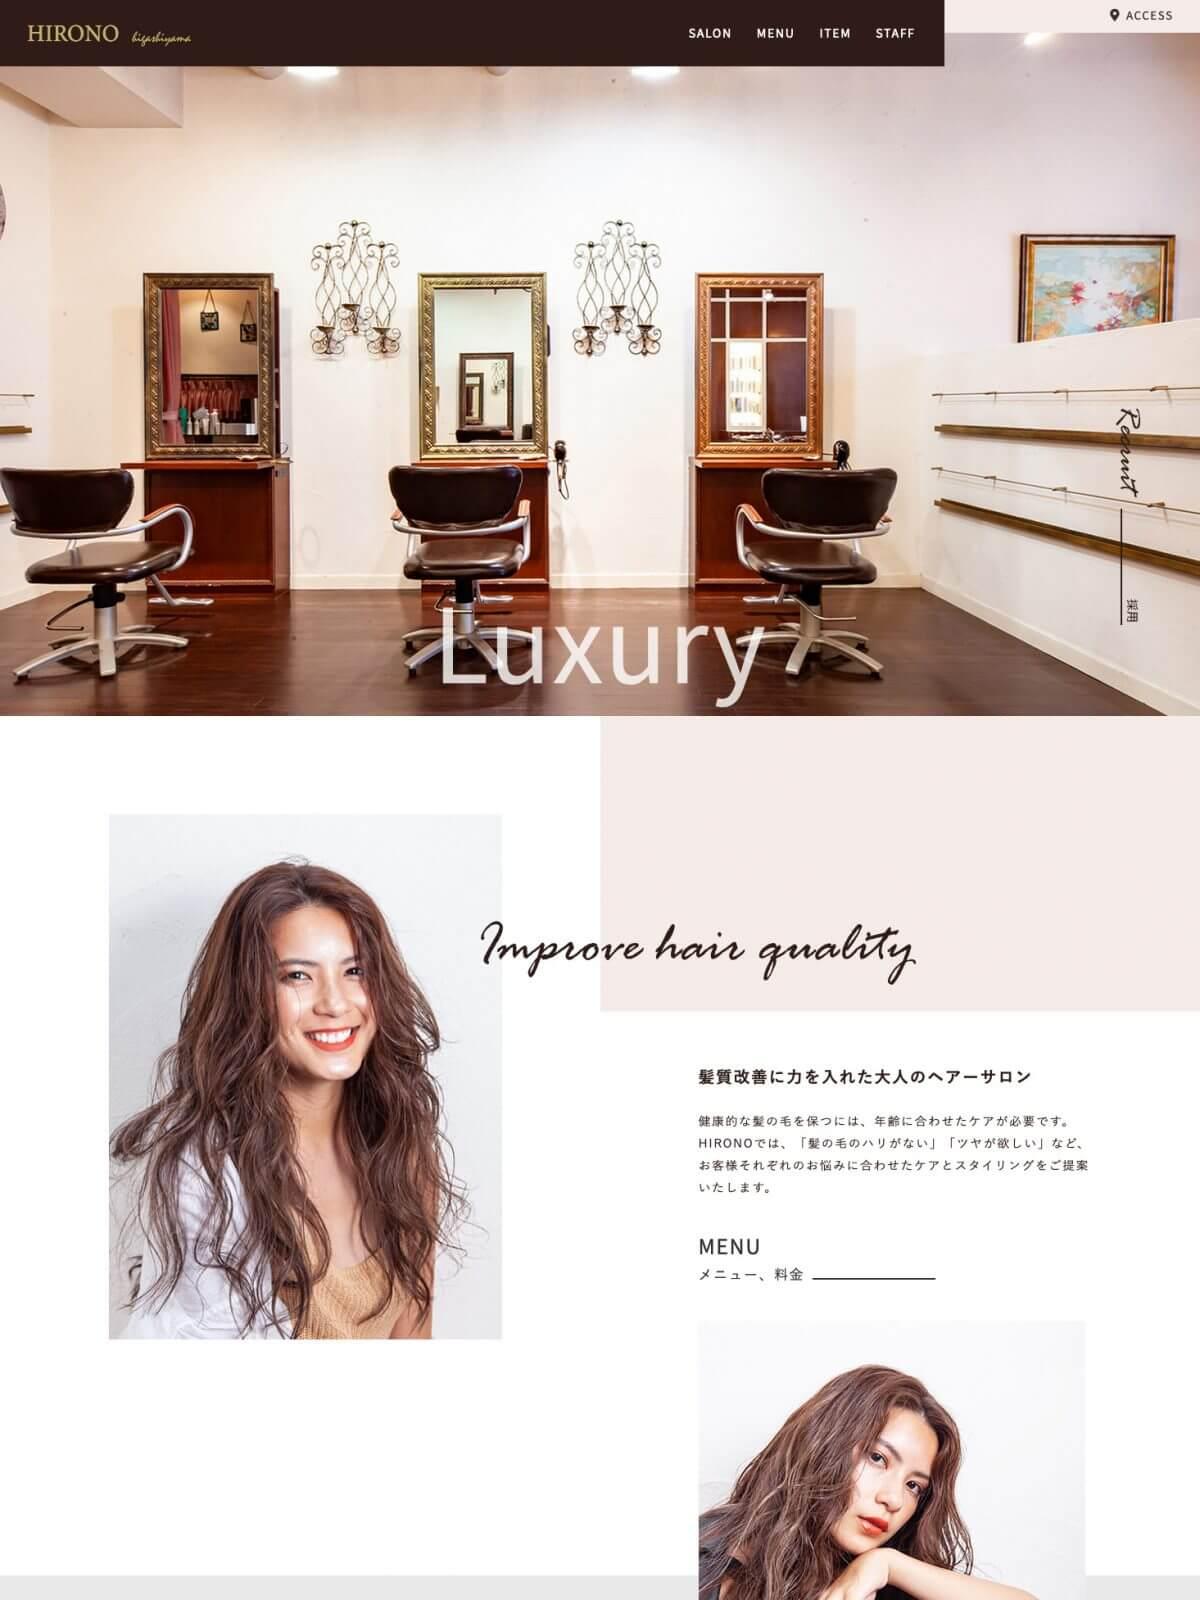 Hair Salon HIRONO higashiyama様